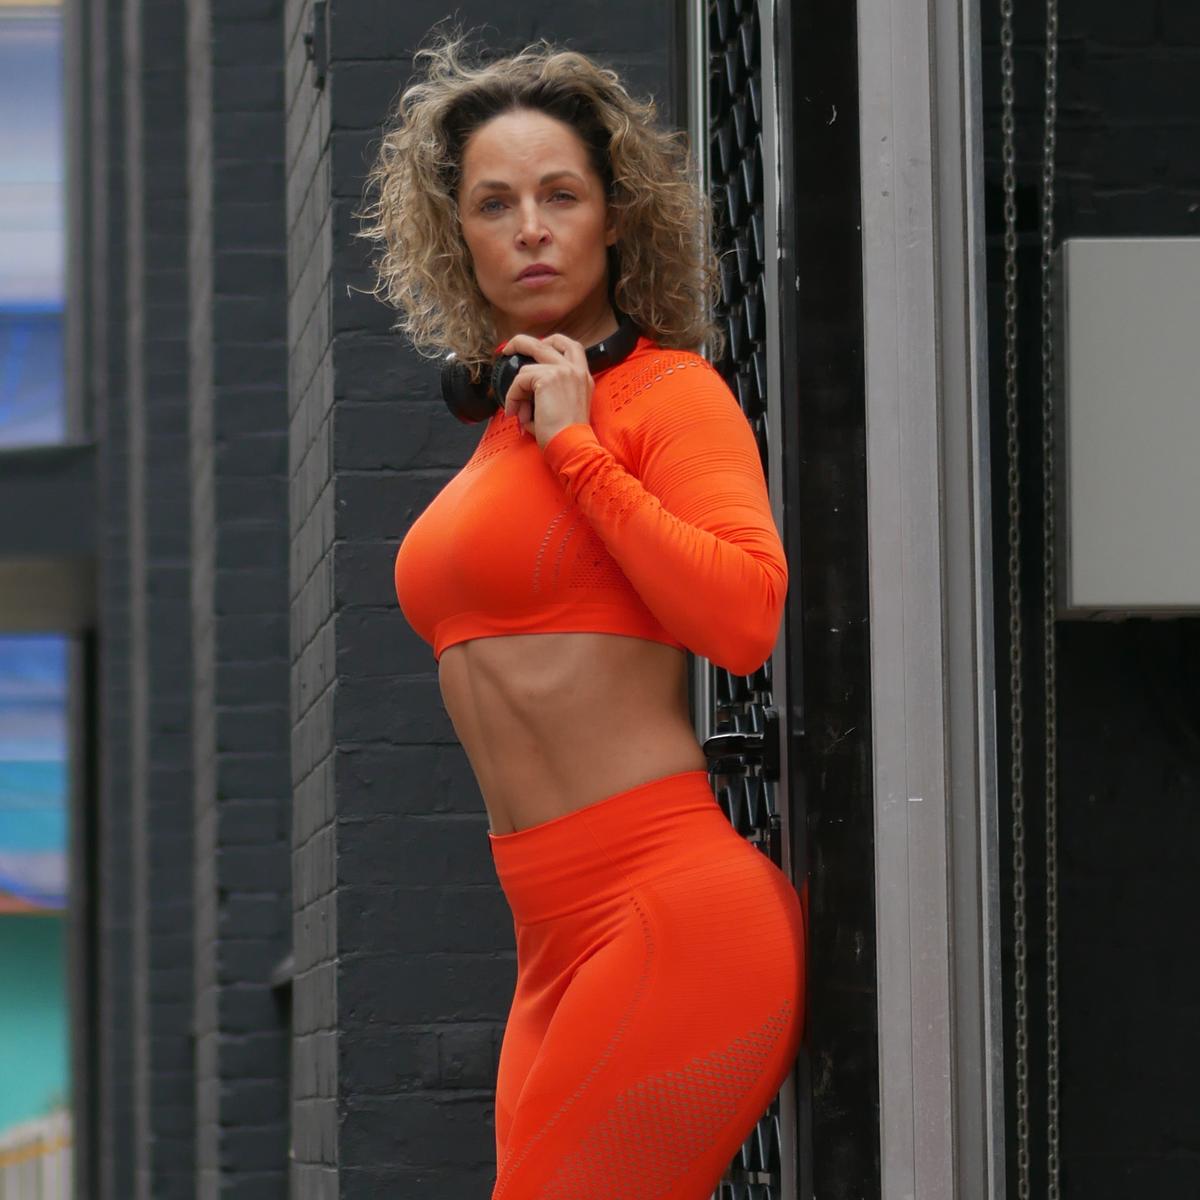 Tamara-Kramer-Orange-set02.png